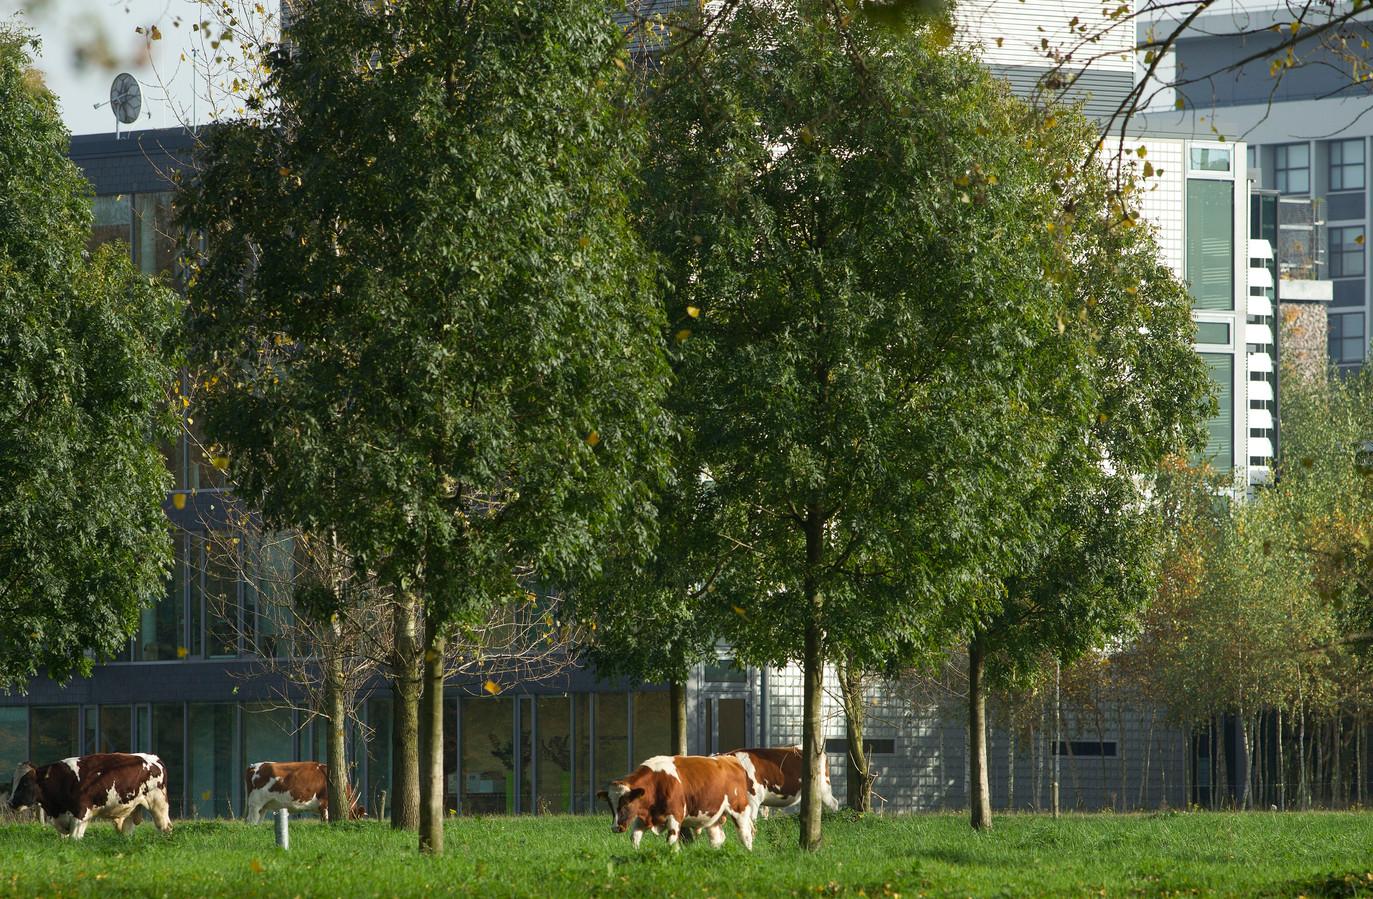 Koeien grazen bij de High Tech Campus in Eindhoven.